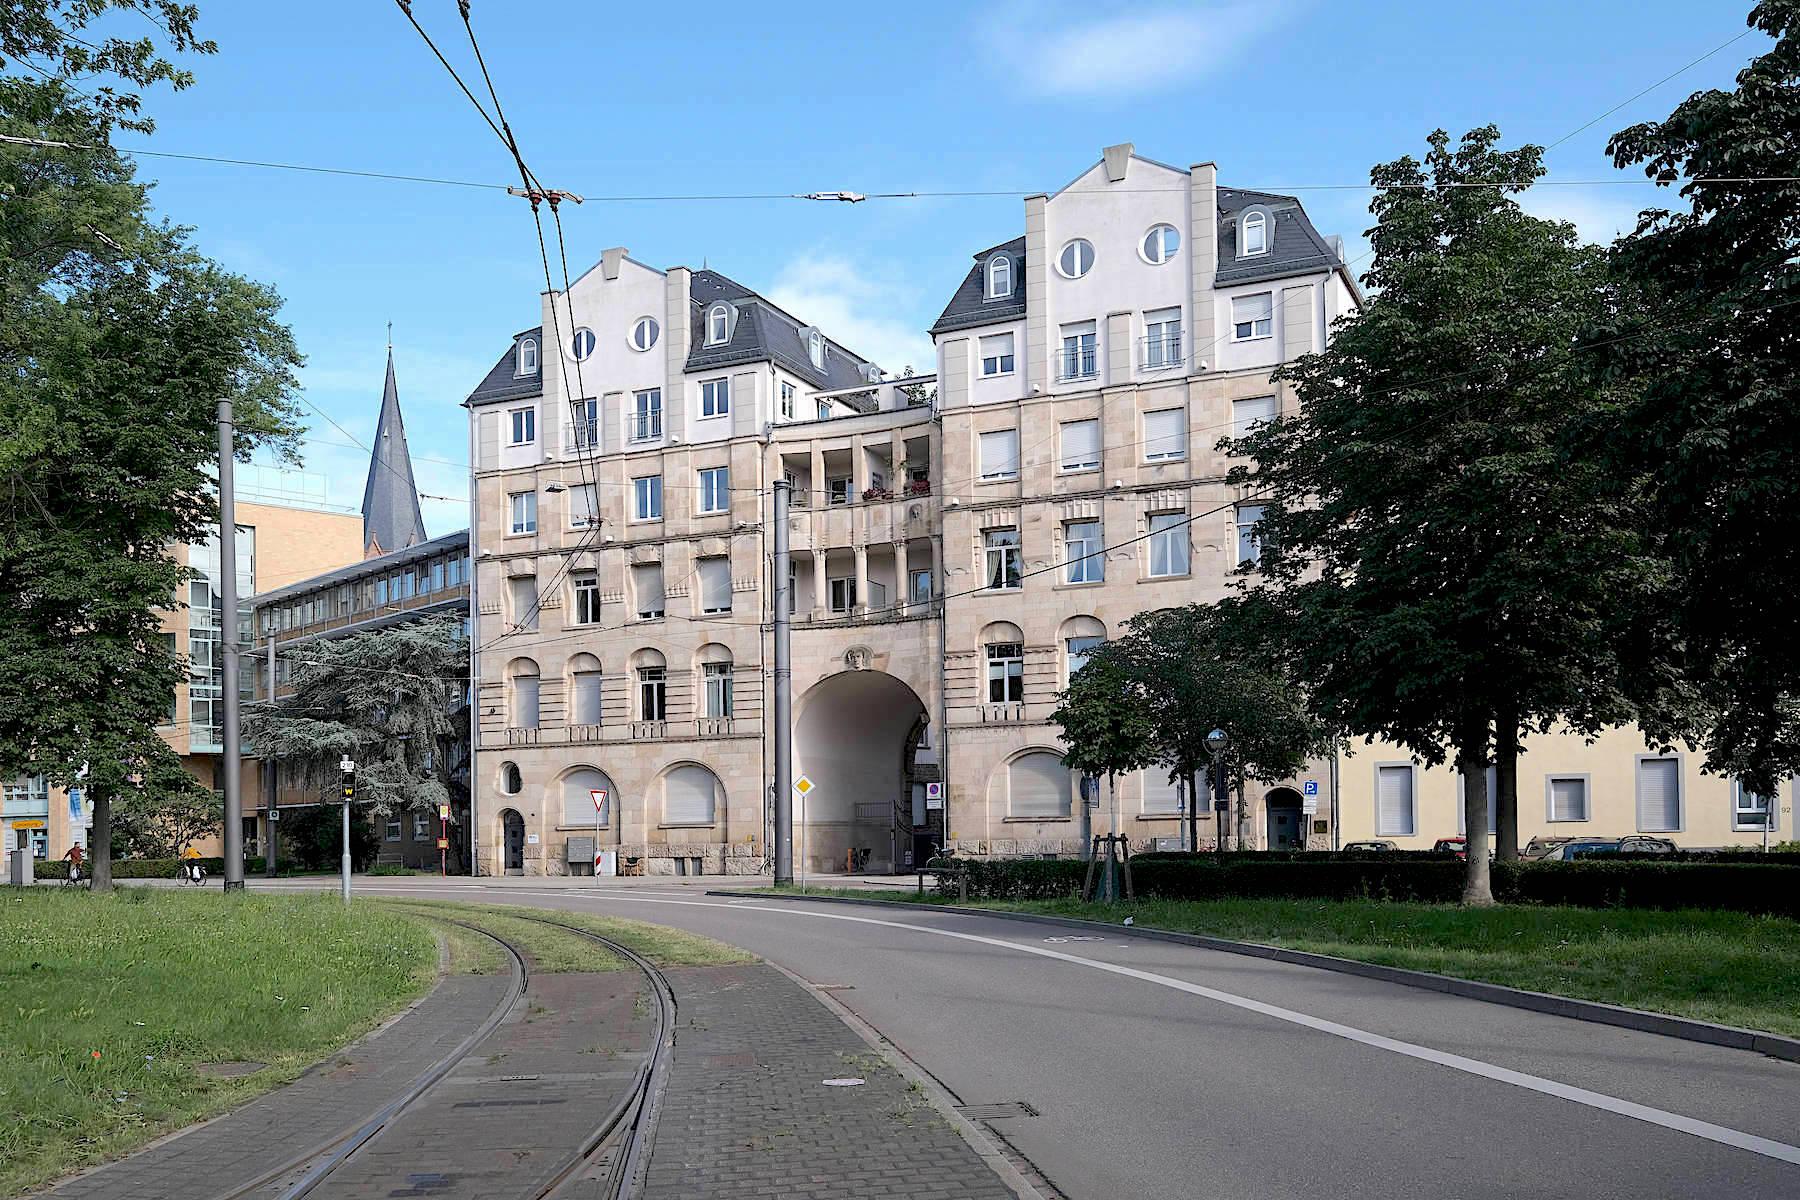 Torhaus an der Stephanienstraße. Hermann Billings Auftakt-Bebauung ist wie die dahinterliegende Villenkolonie auffällig durchkomponiert.